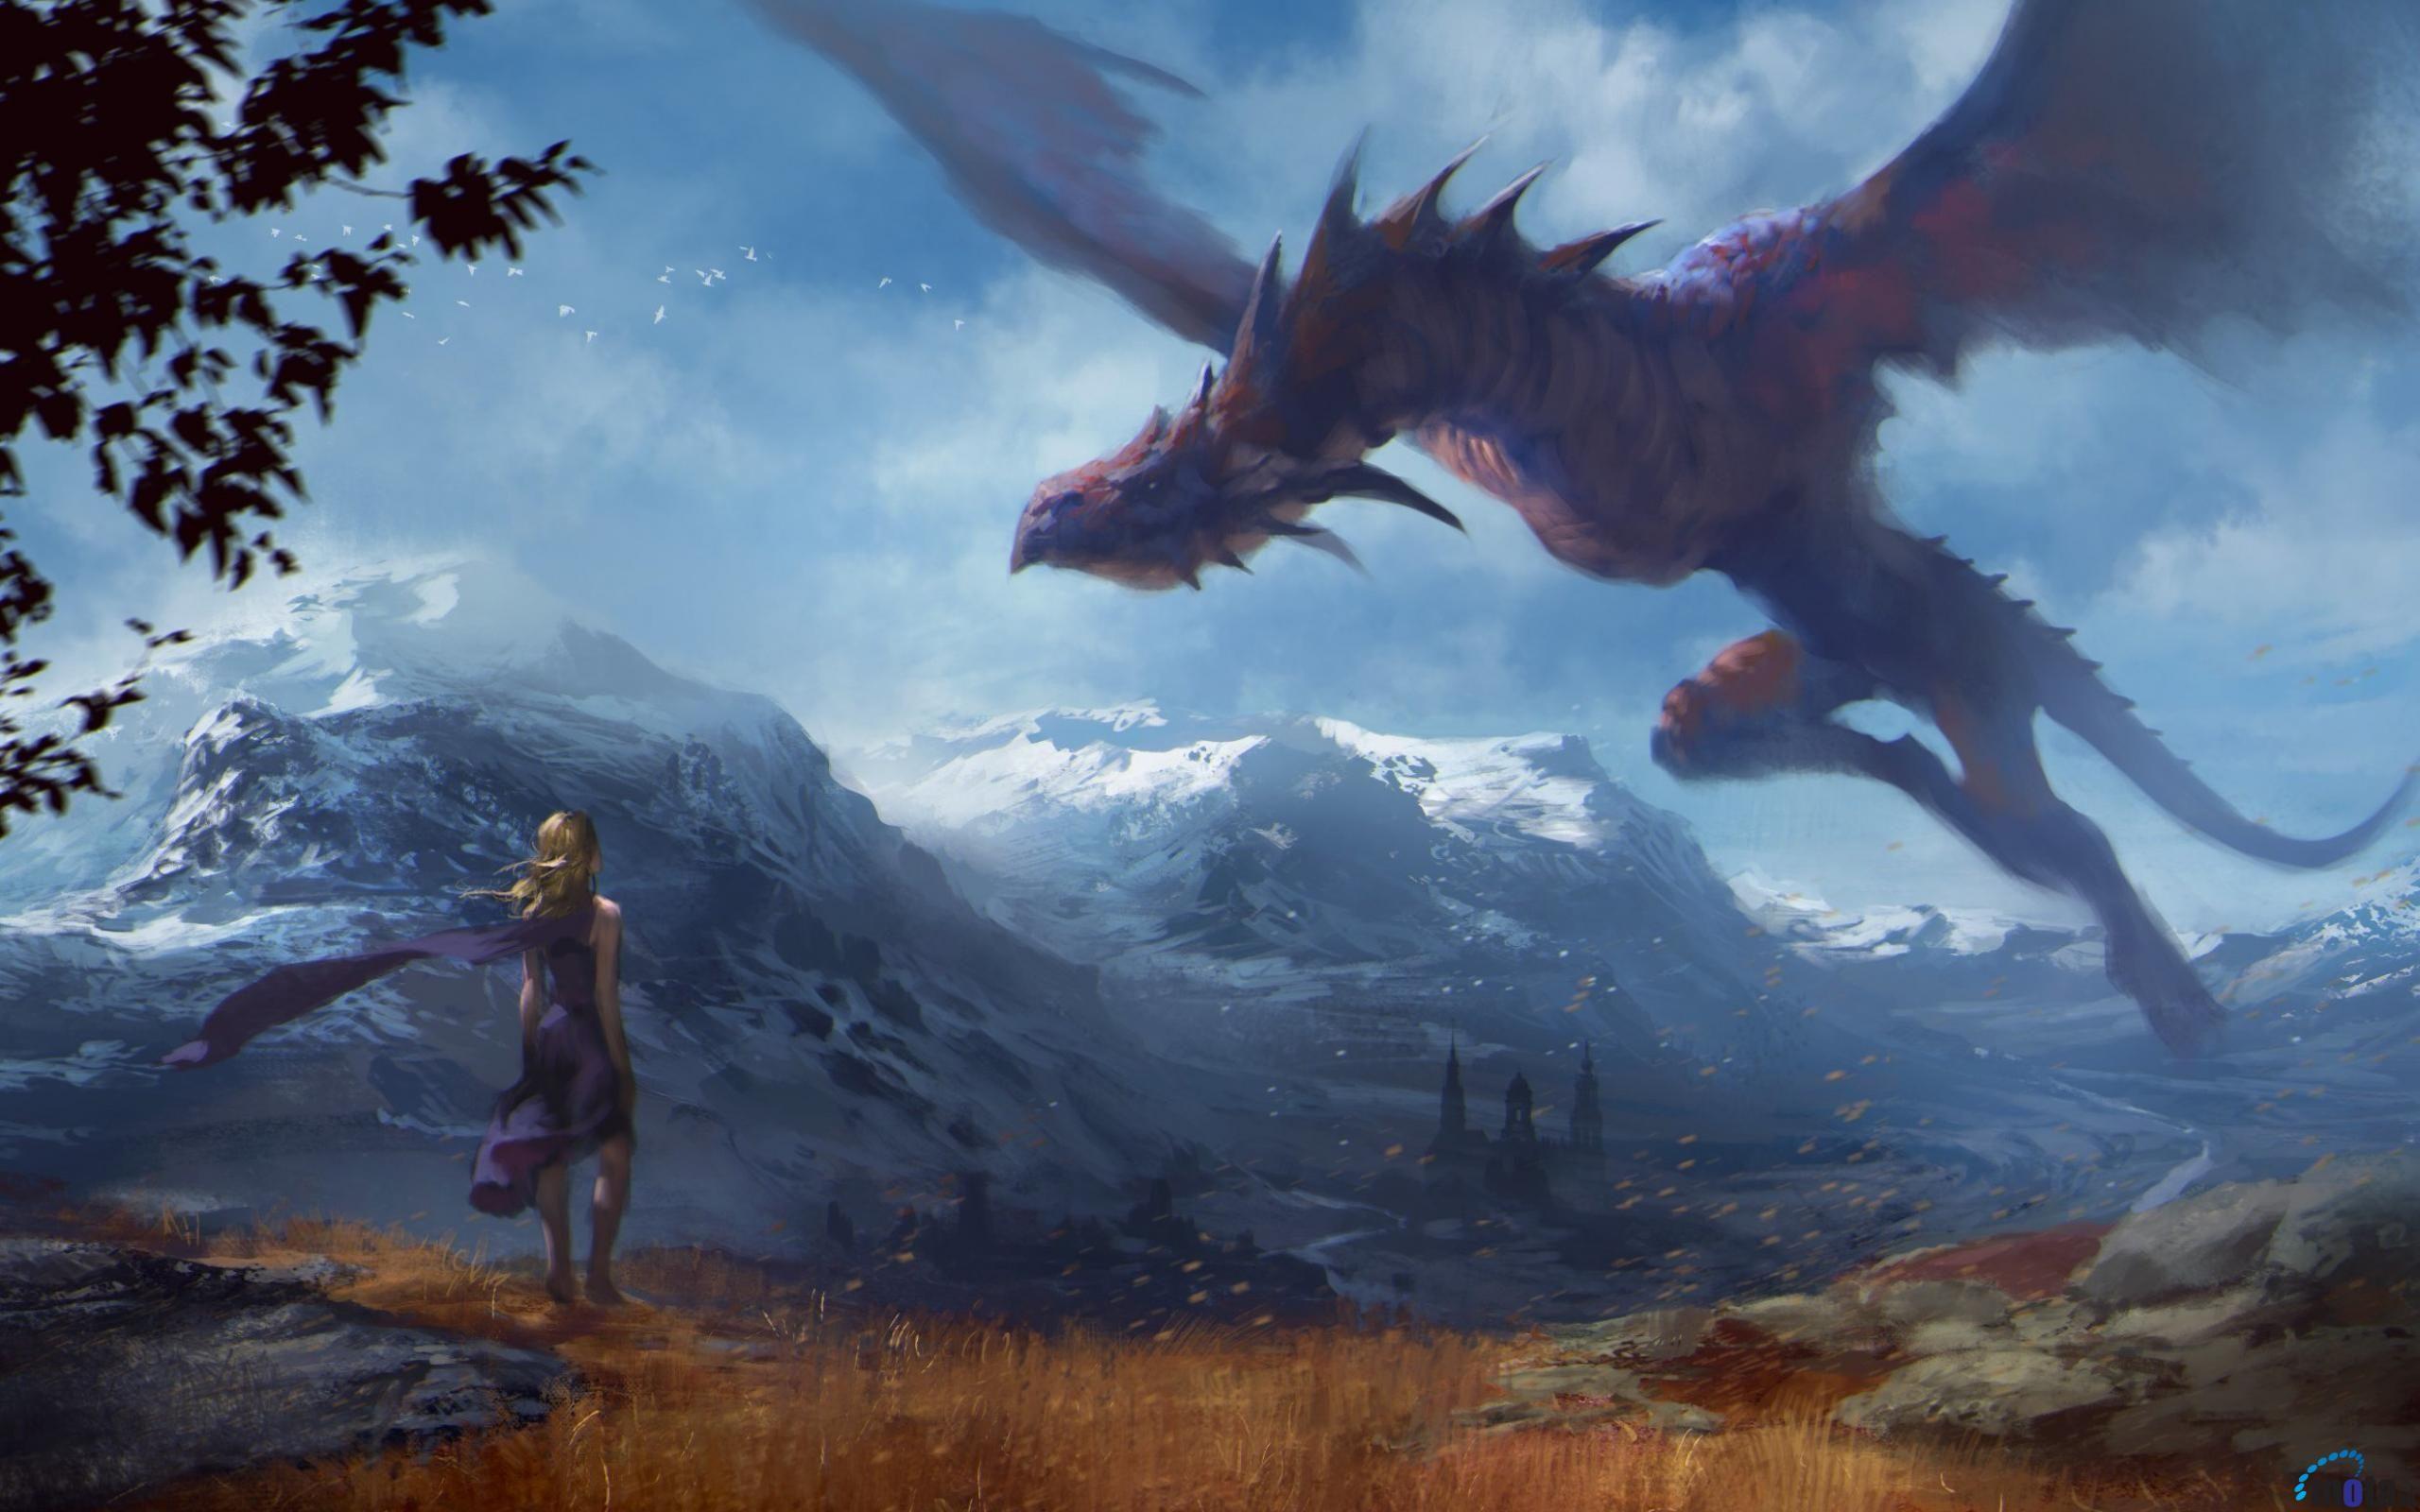 Обои для рабочего стола Девушка и летящий дракон | Фэнтези ...